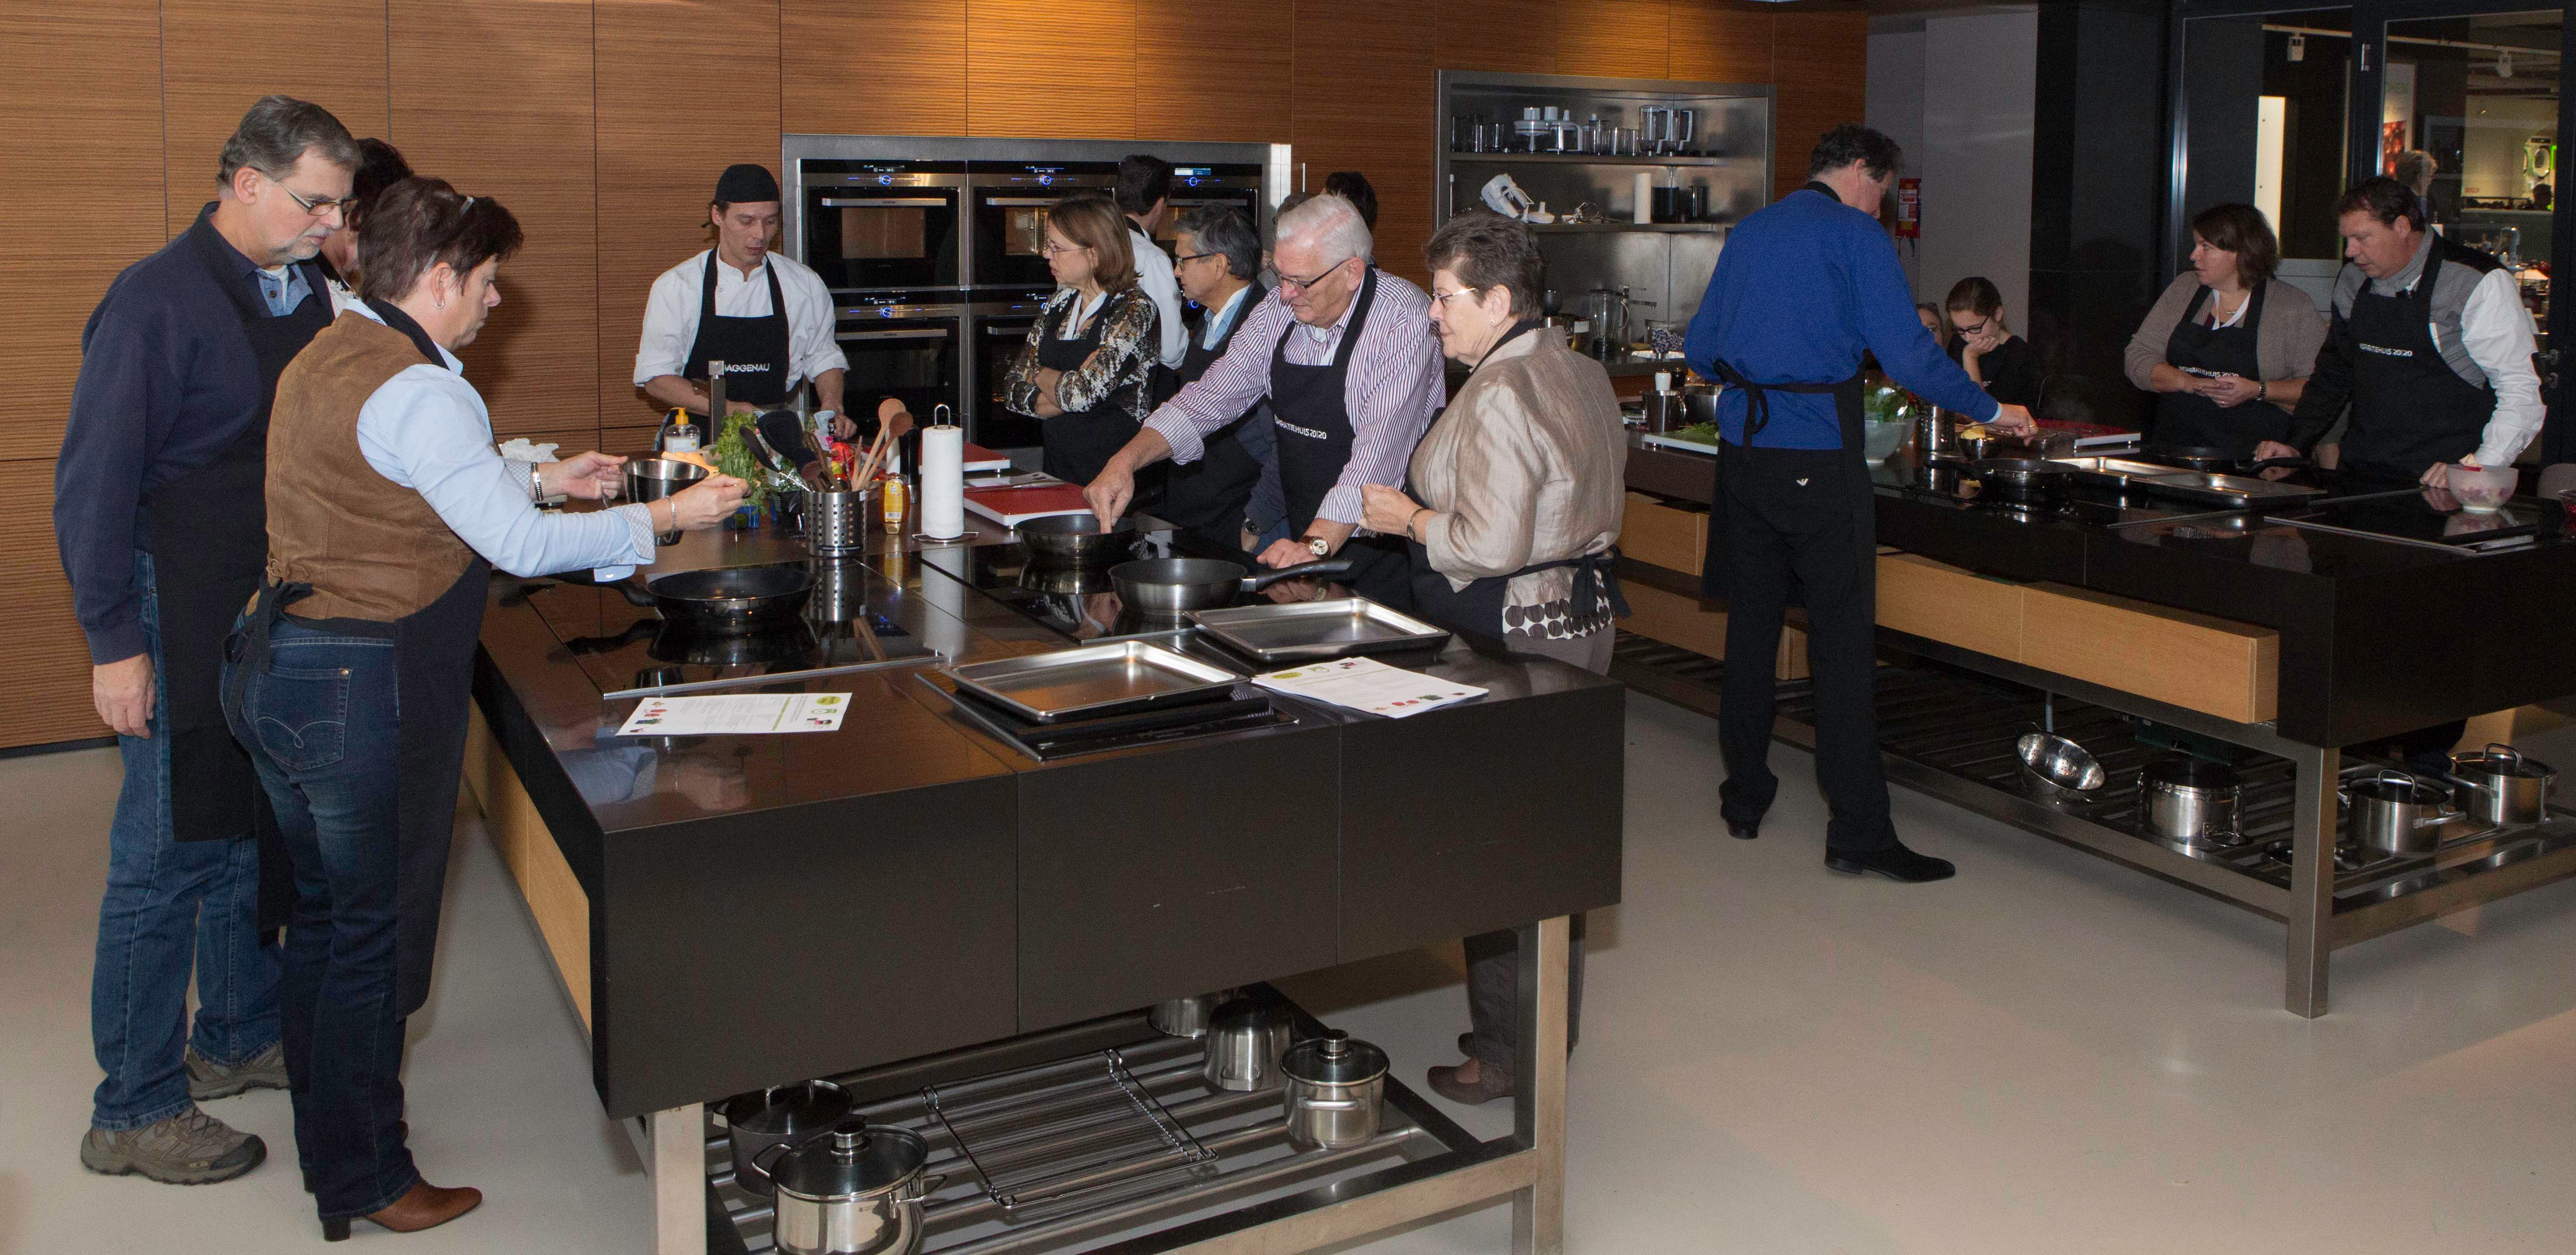 Like win een kookworkshop voor twee voorlichtingsburo for Keukenapparatuur hoofddorp